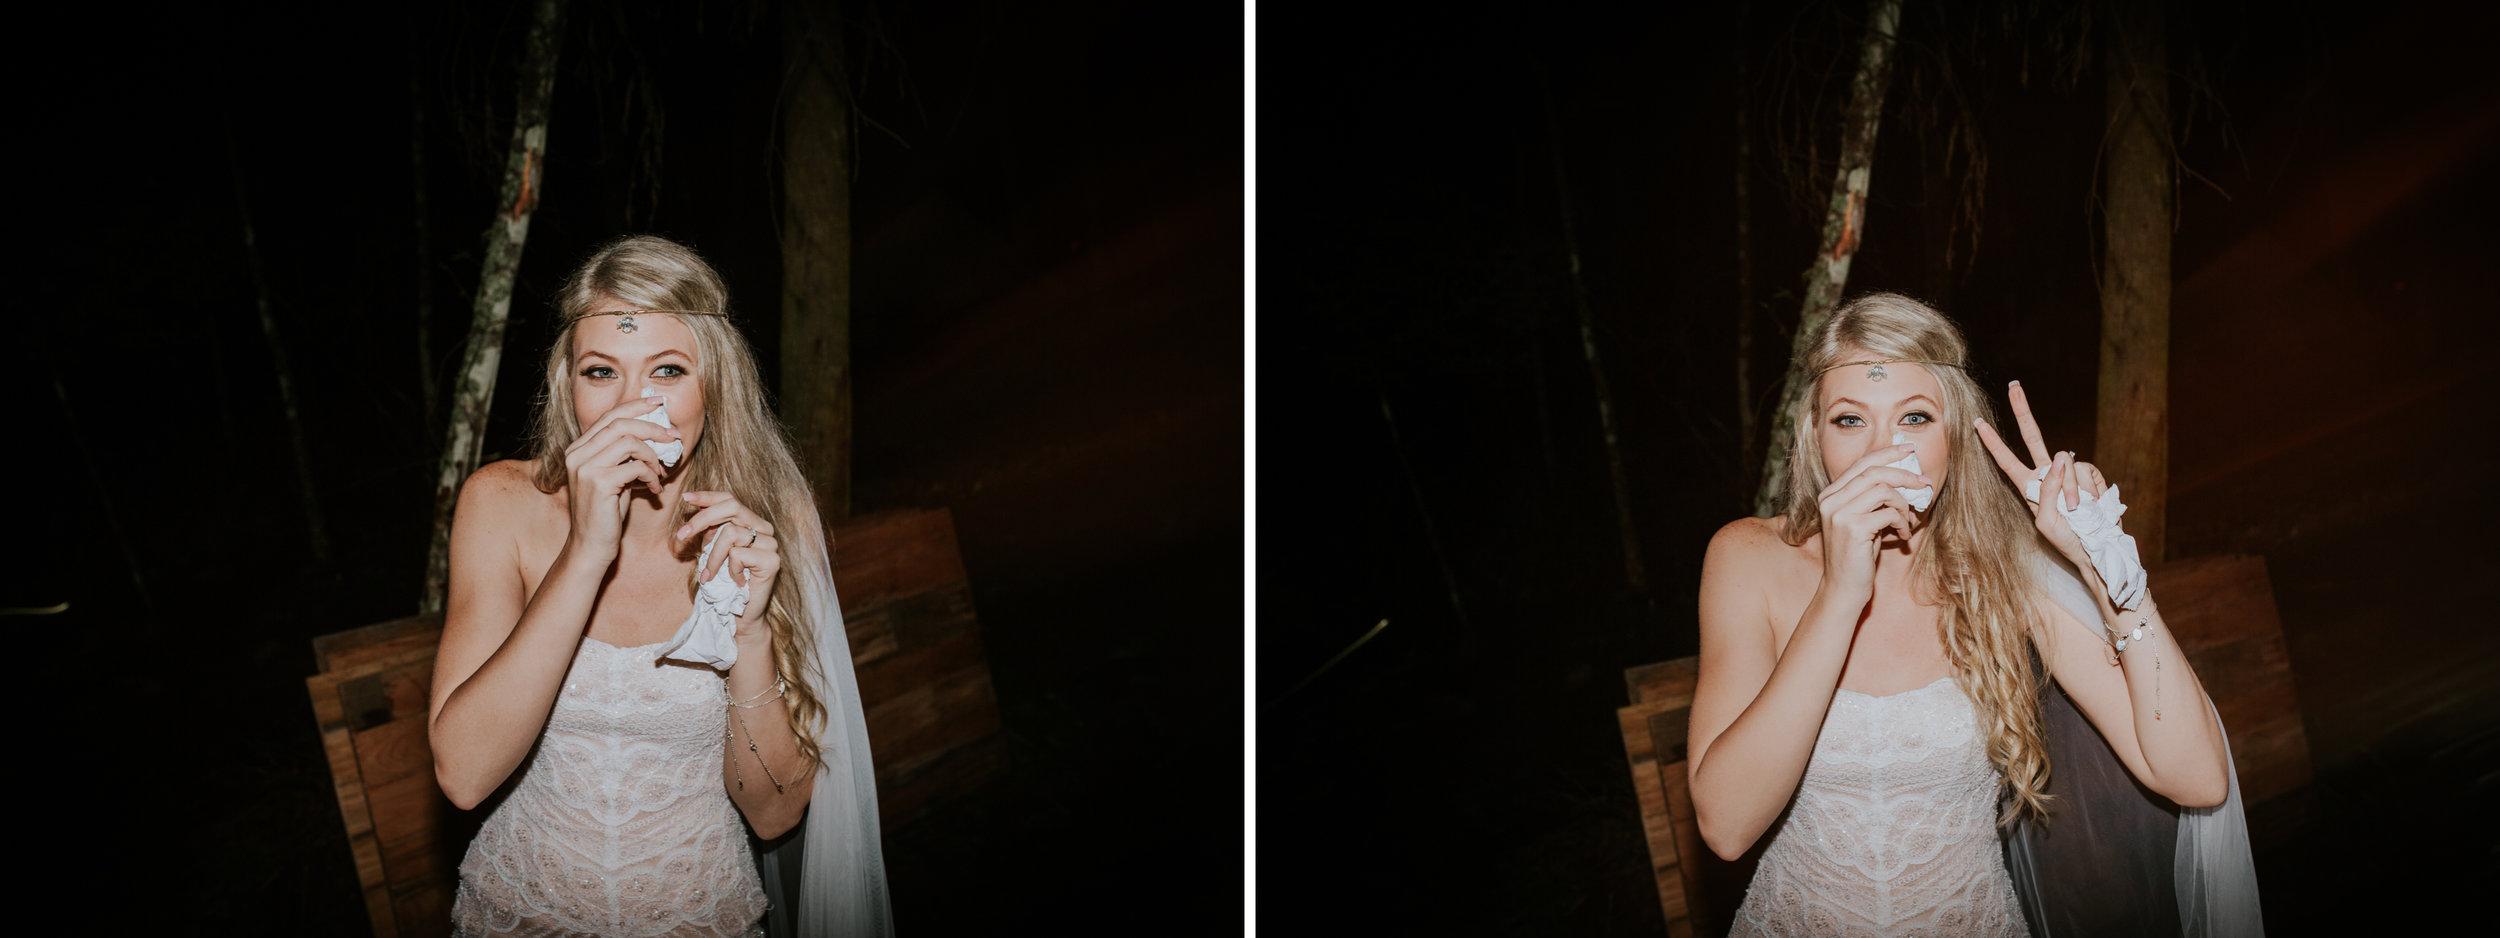 Emma+John+Dancefloor+Wedstival+Nosebleed.jpg